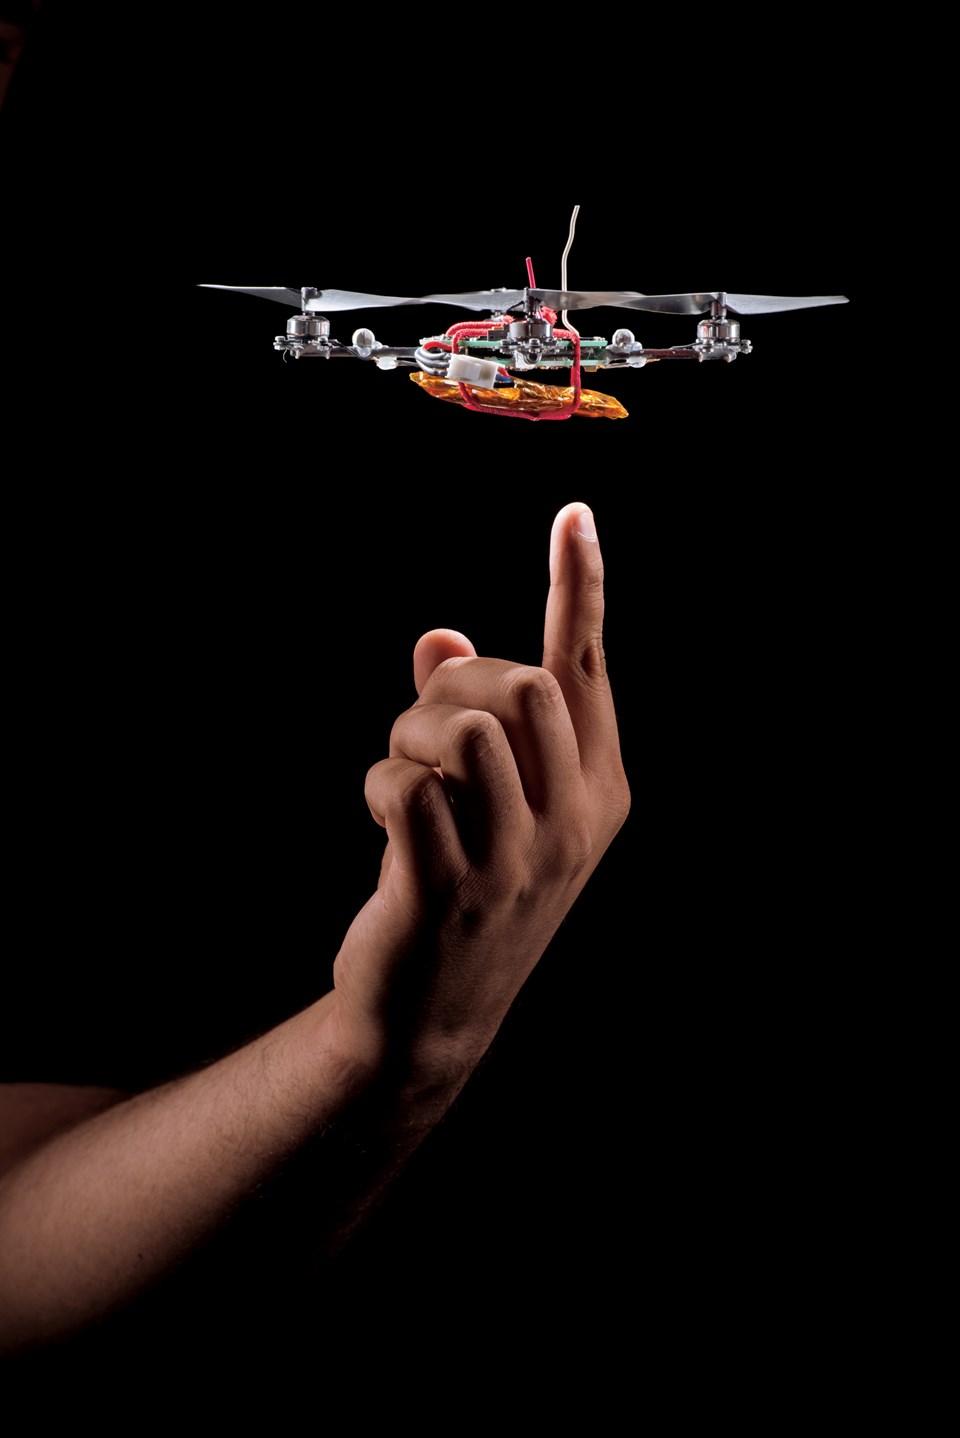 """Pensilvanya'daki KMel Robotics'in yaptığı dört rotorlu bu """"mikro hava aracı"""" emsalleriyle birlikte sürü halinde uçabiliyor. Casus uçaklar kendi başlarına, pilot olmadan yol alabiliyor (Büyütmek için tıklayın)."""